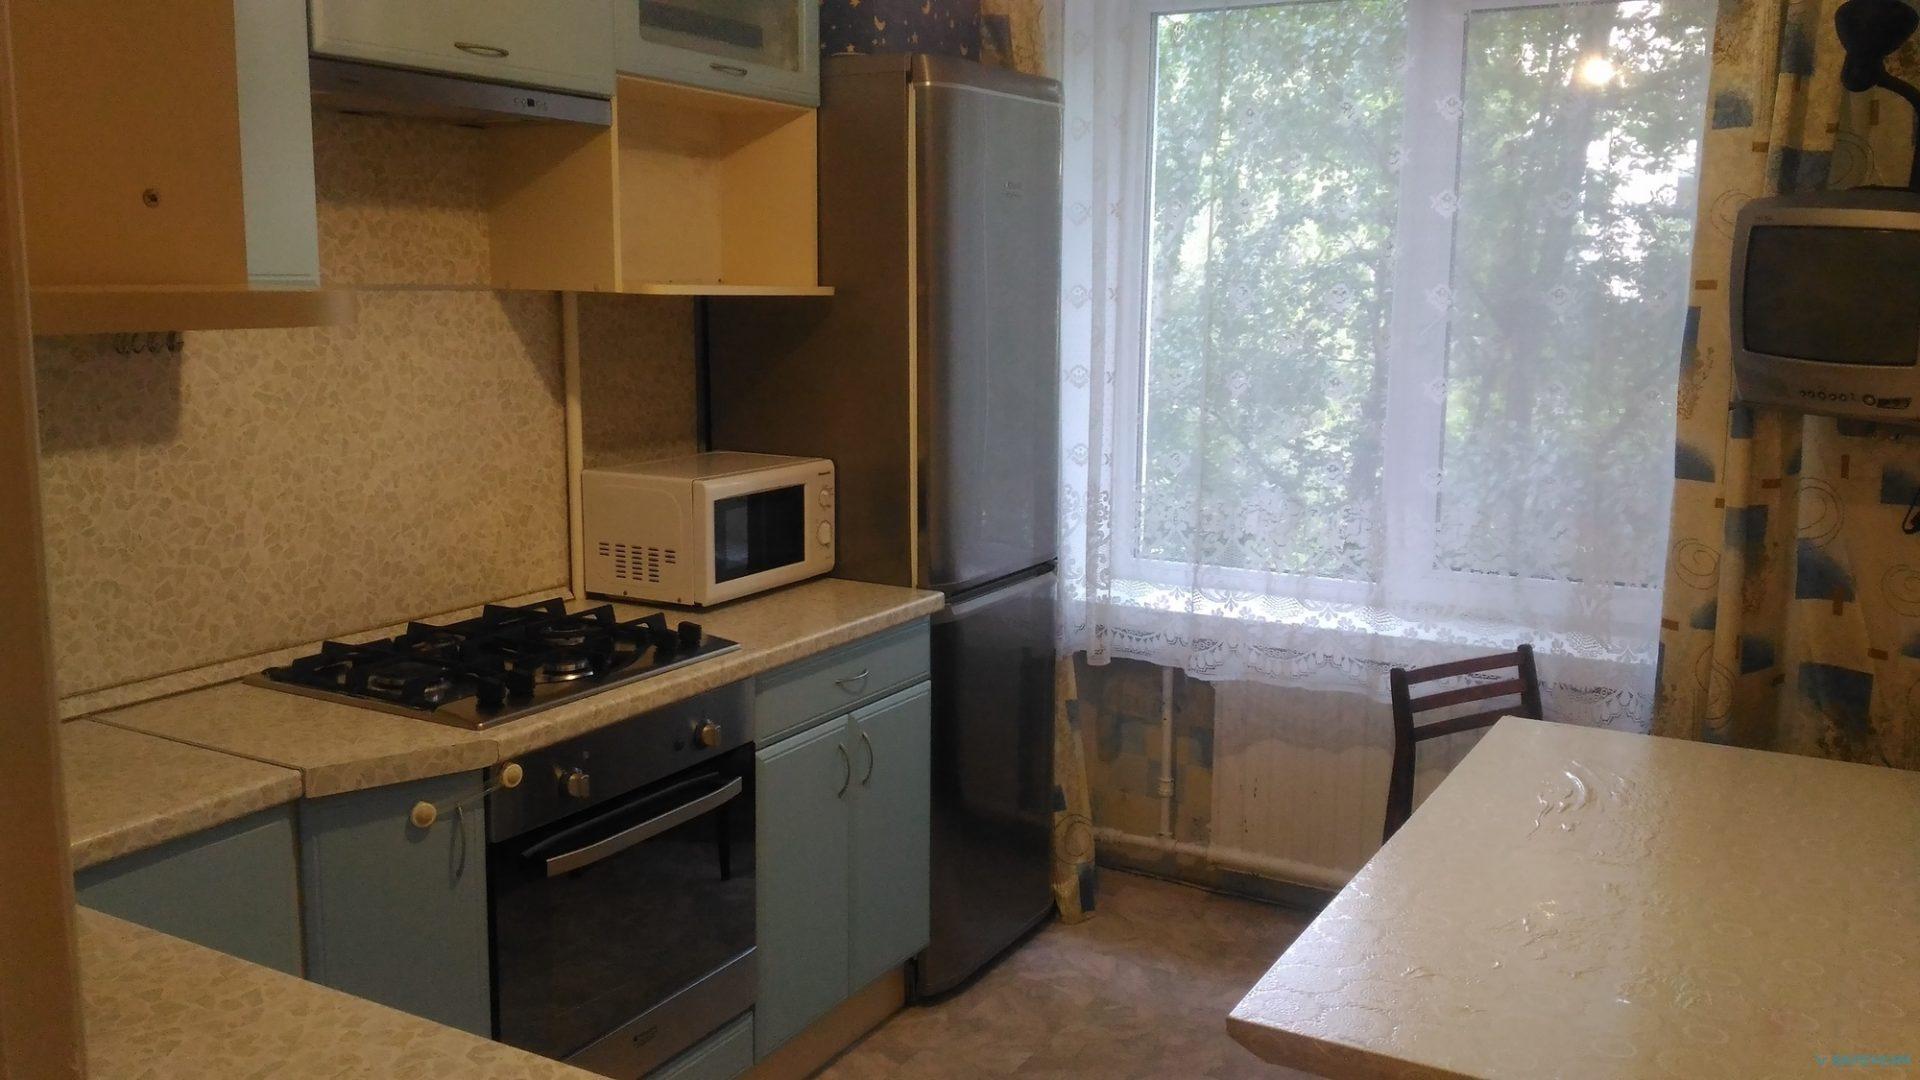 Продается 1 к кв., 31м2 на на 3 этаже ул. Будапештская, д.5, кор. 3, с хорошим ремонтом.